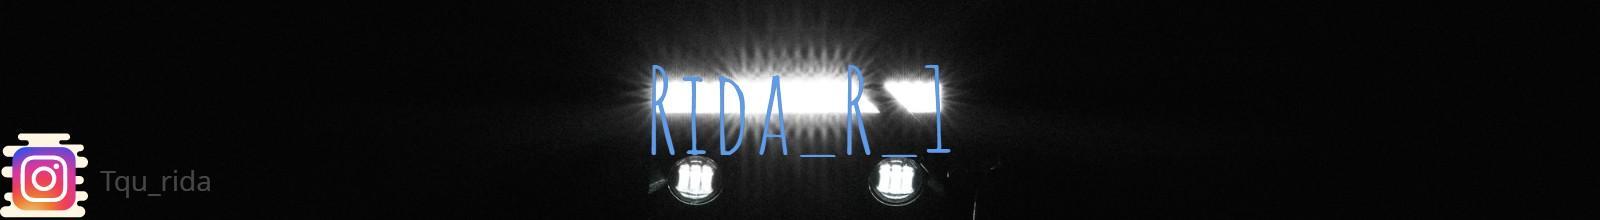 RidaR1